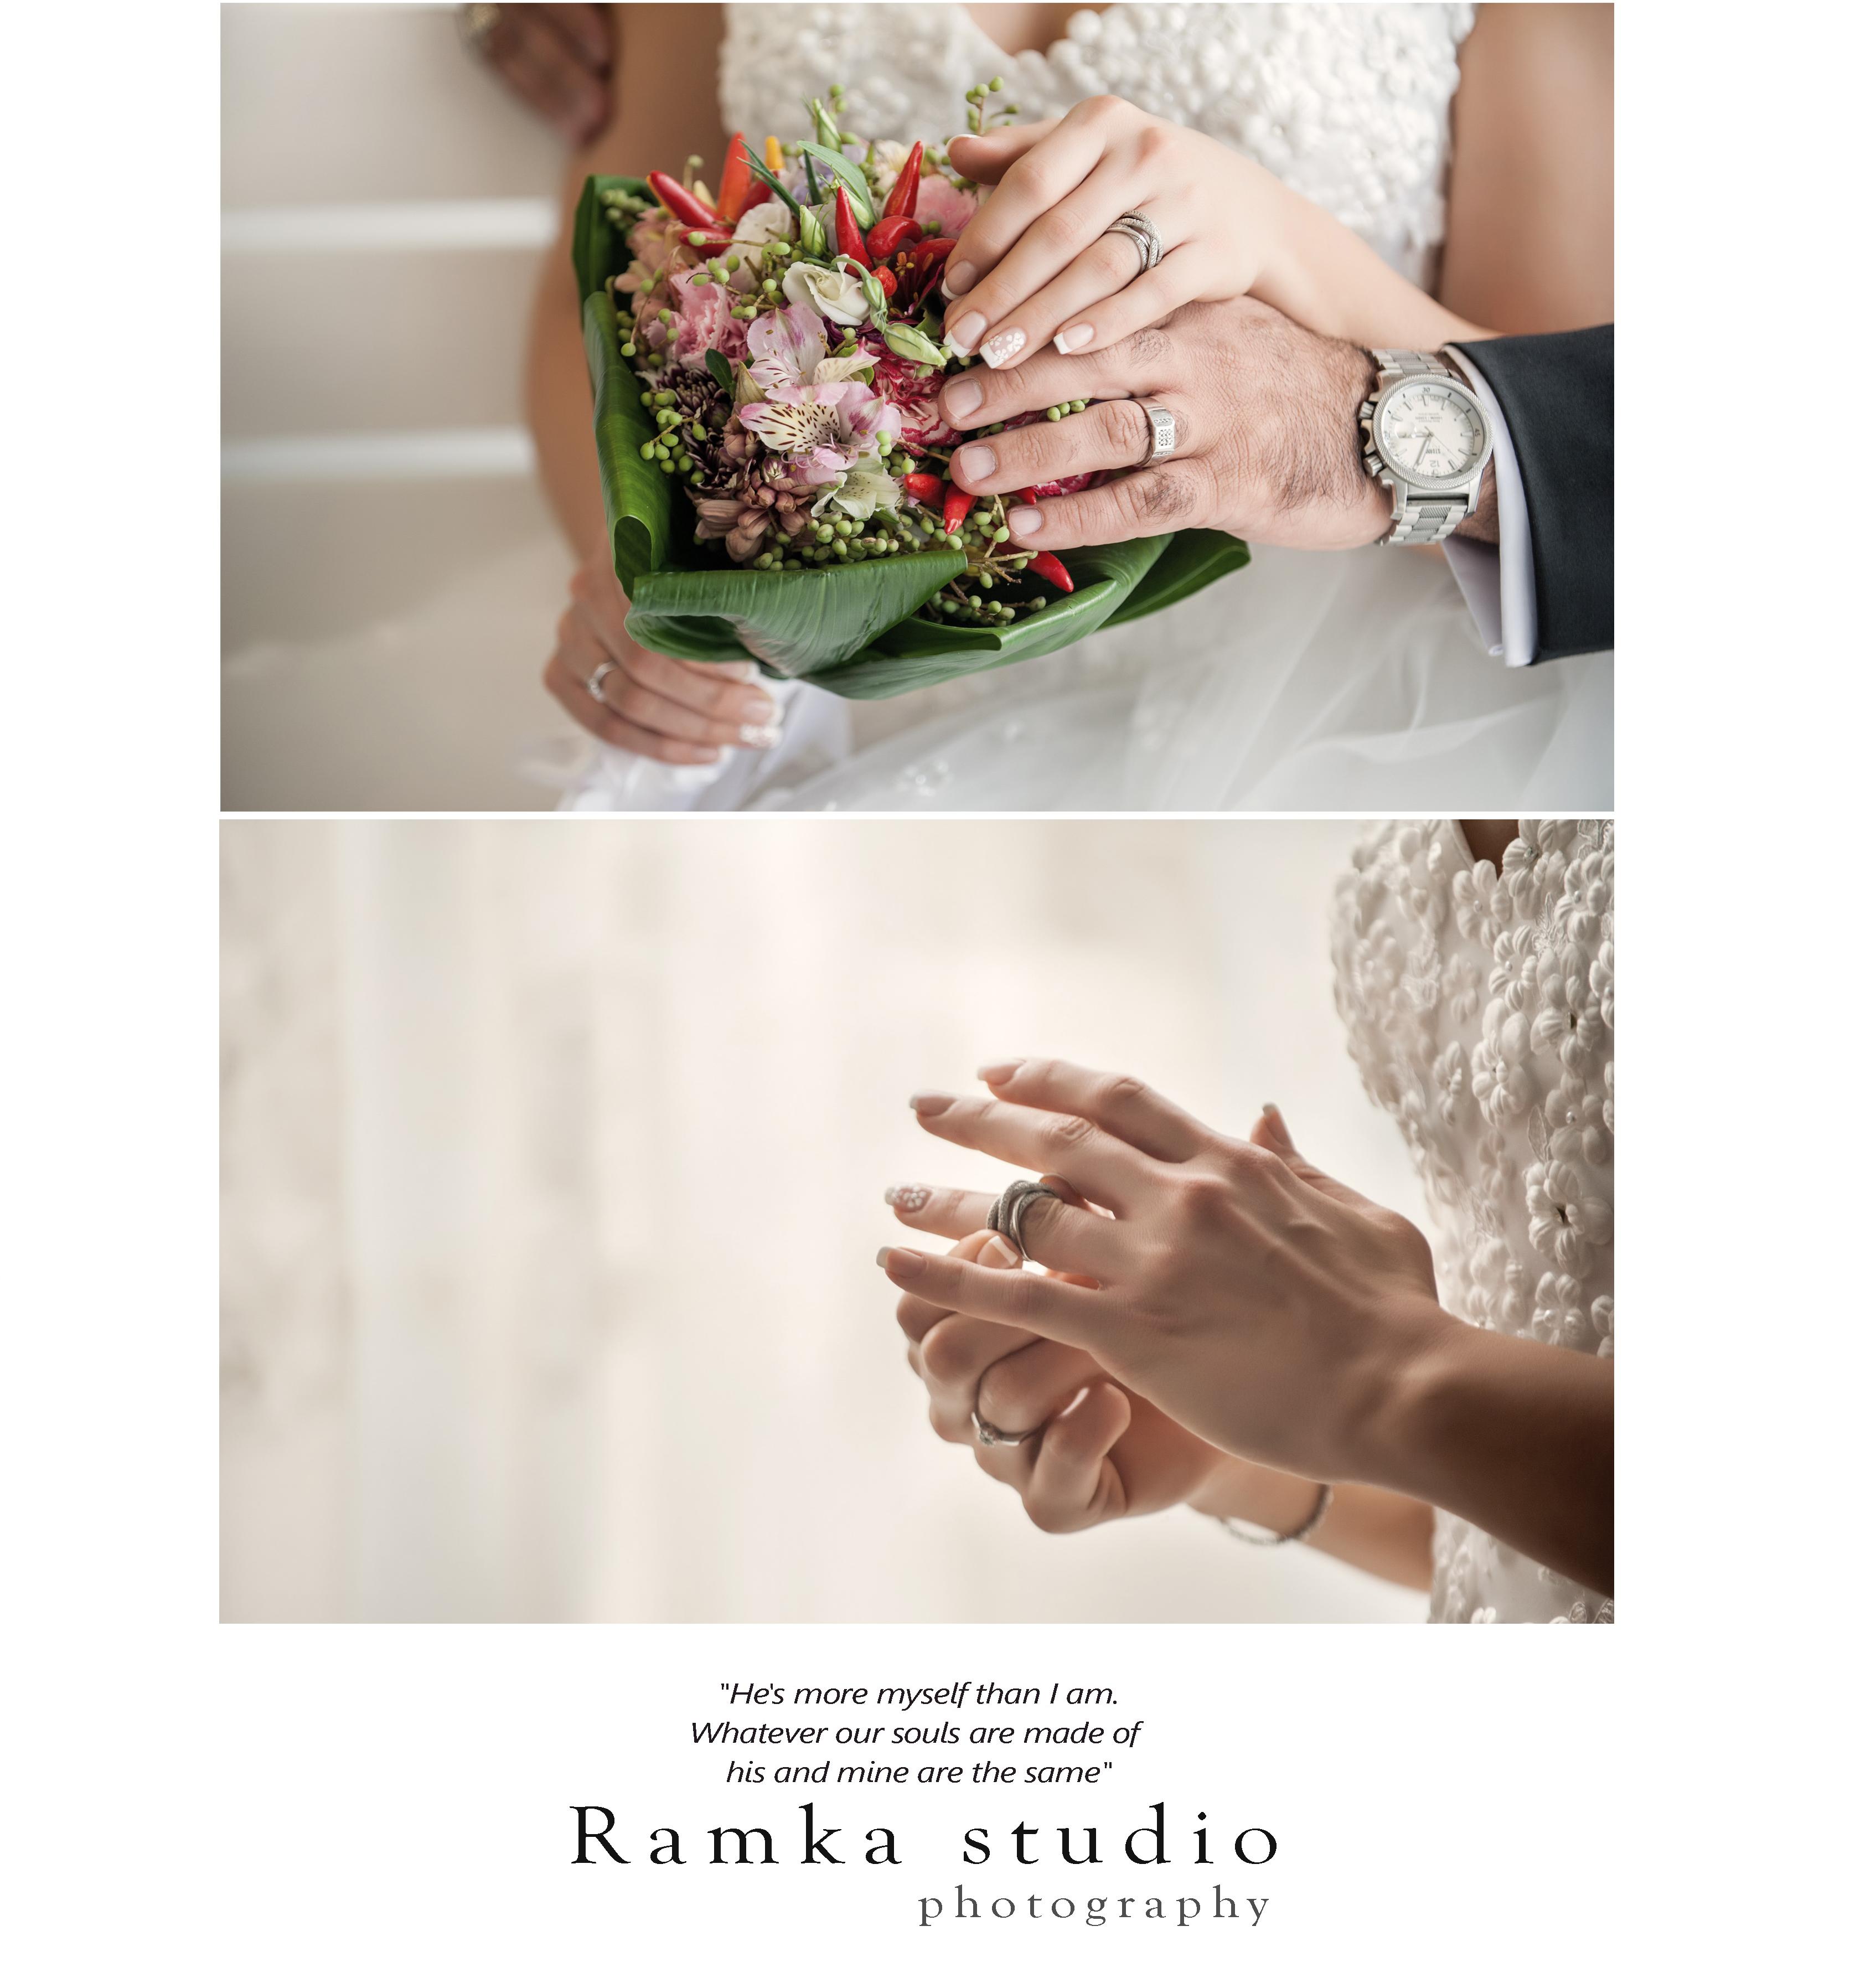 آتلیه عکس و فیلم رامکا1